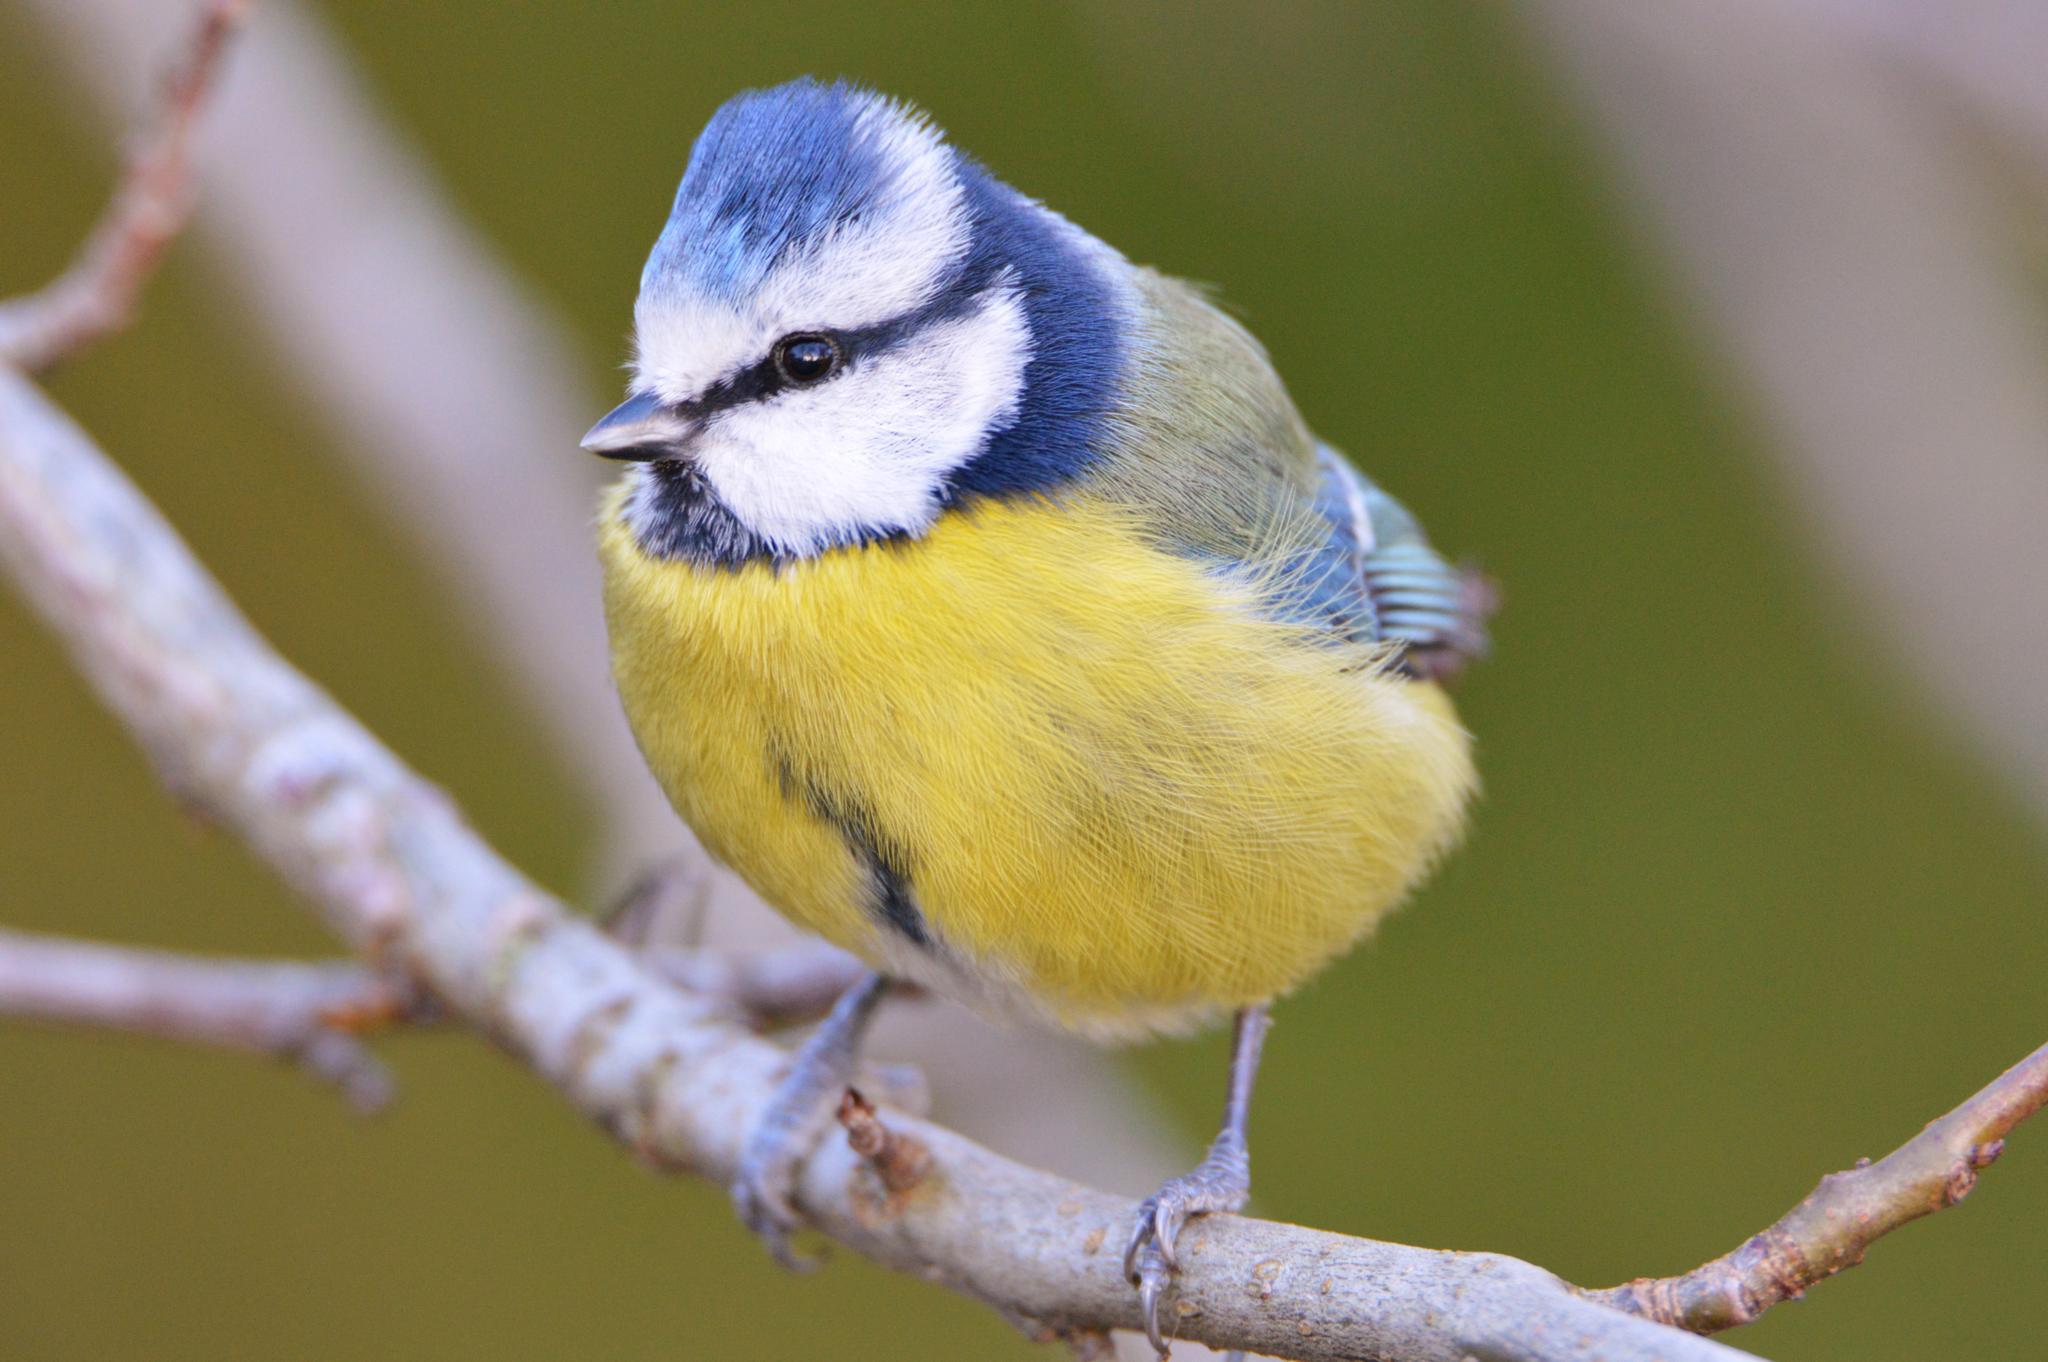 I Love This Little Bird by ukmatti